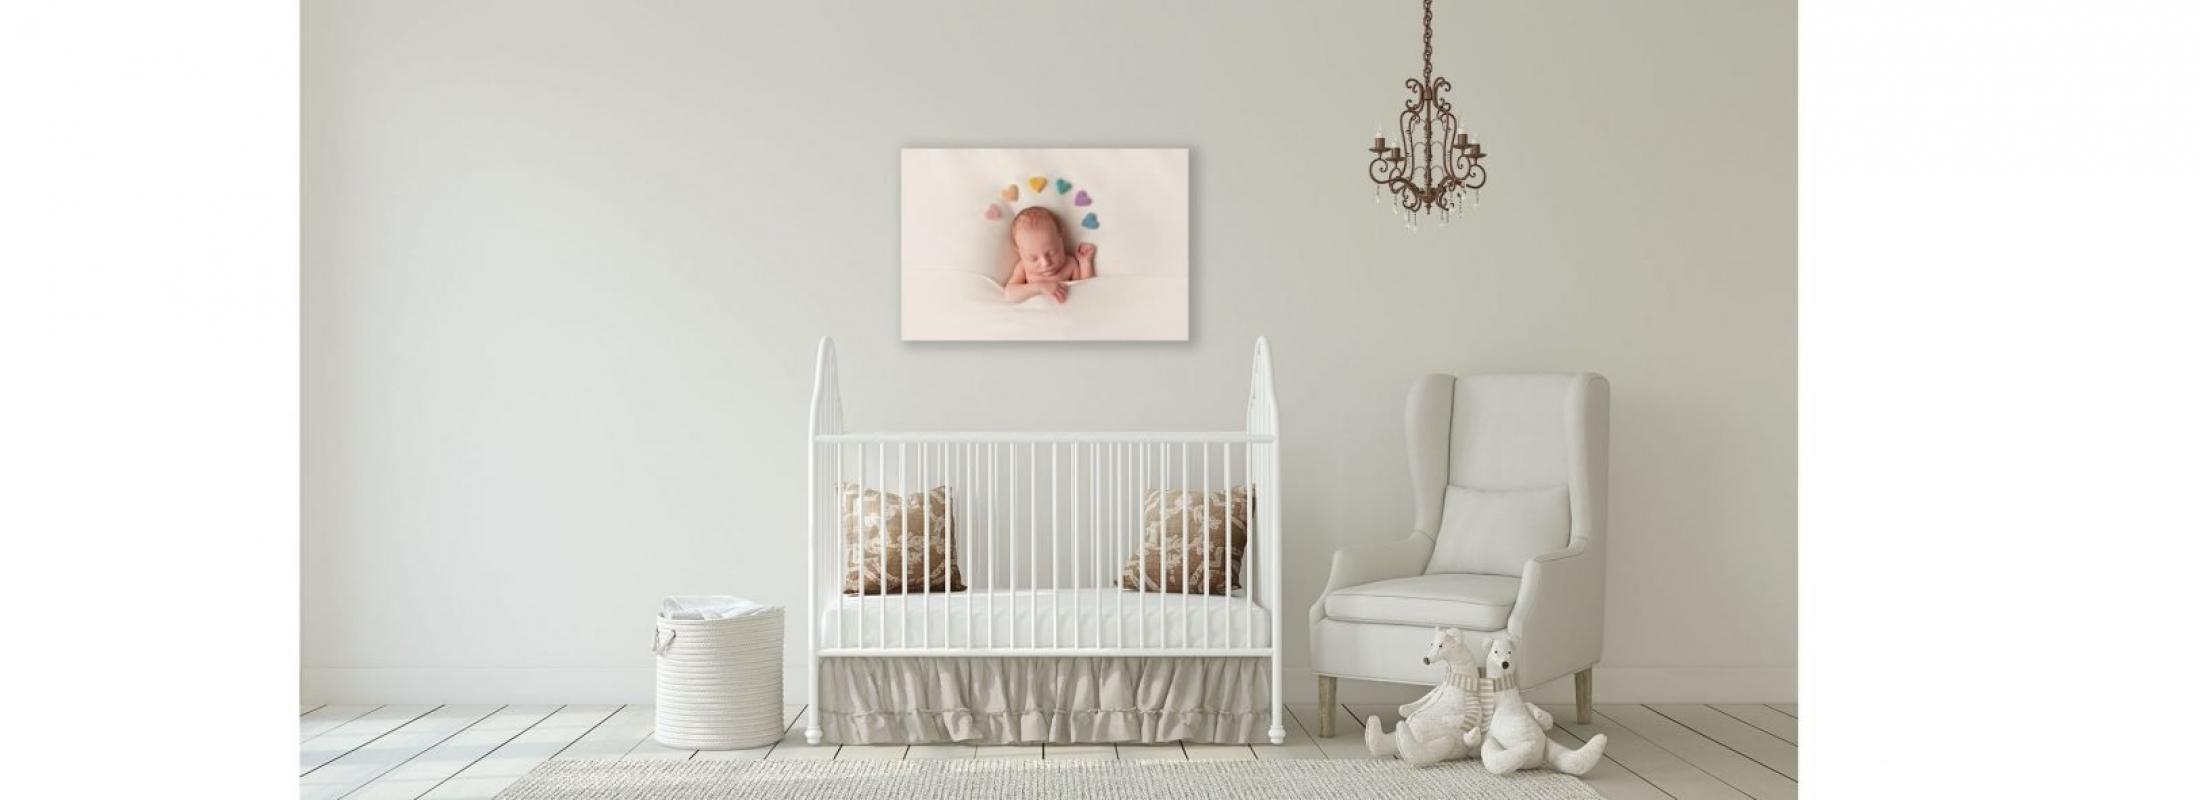 Kristin Nicole Images nursery